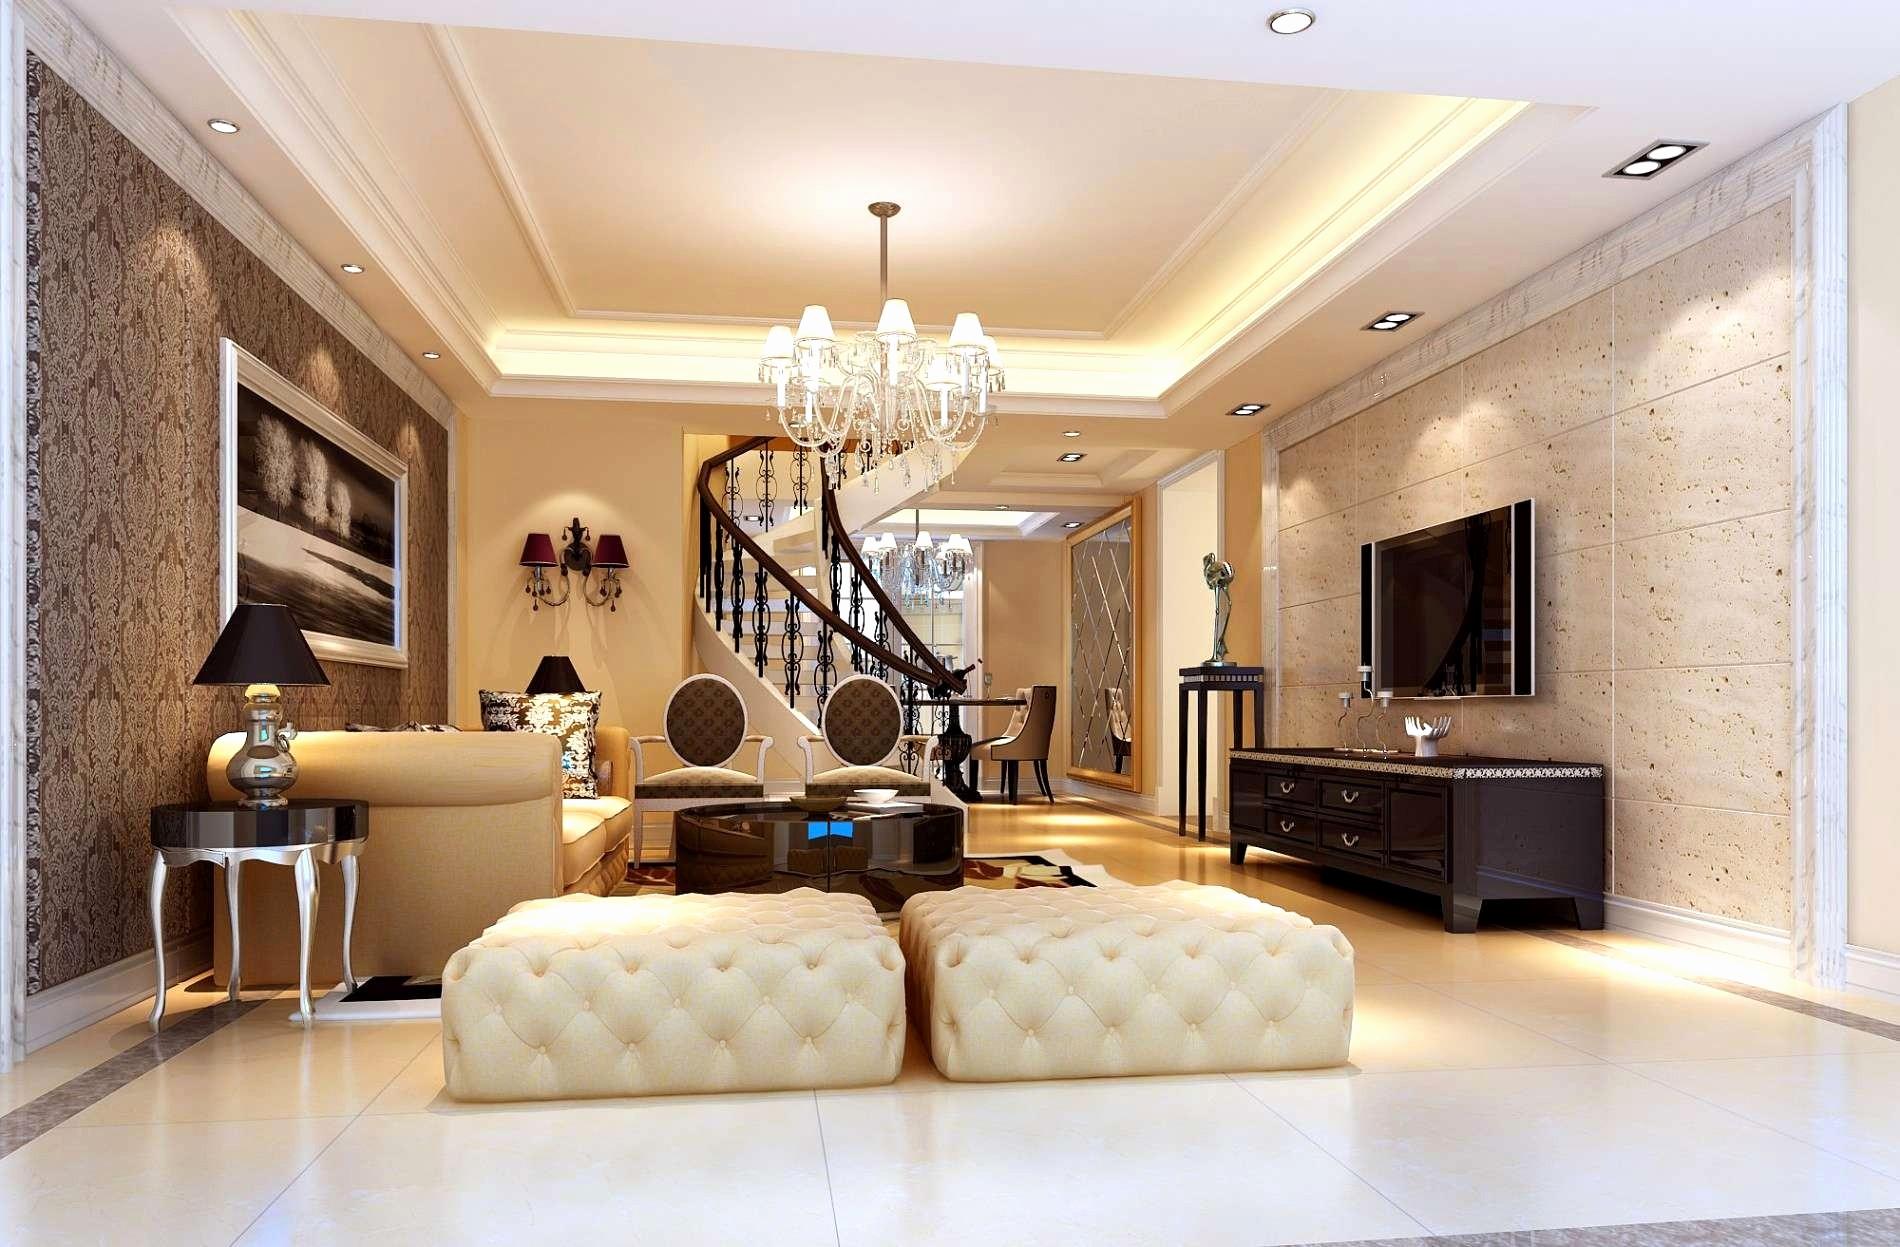 pinterest deko ideen inspirant 12 beste wohnzimmer ideen pinterest konzept of pinterest deko ideen 1